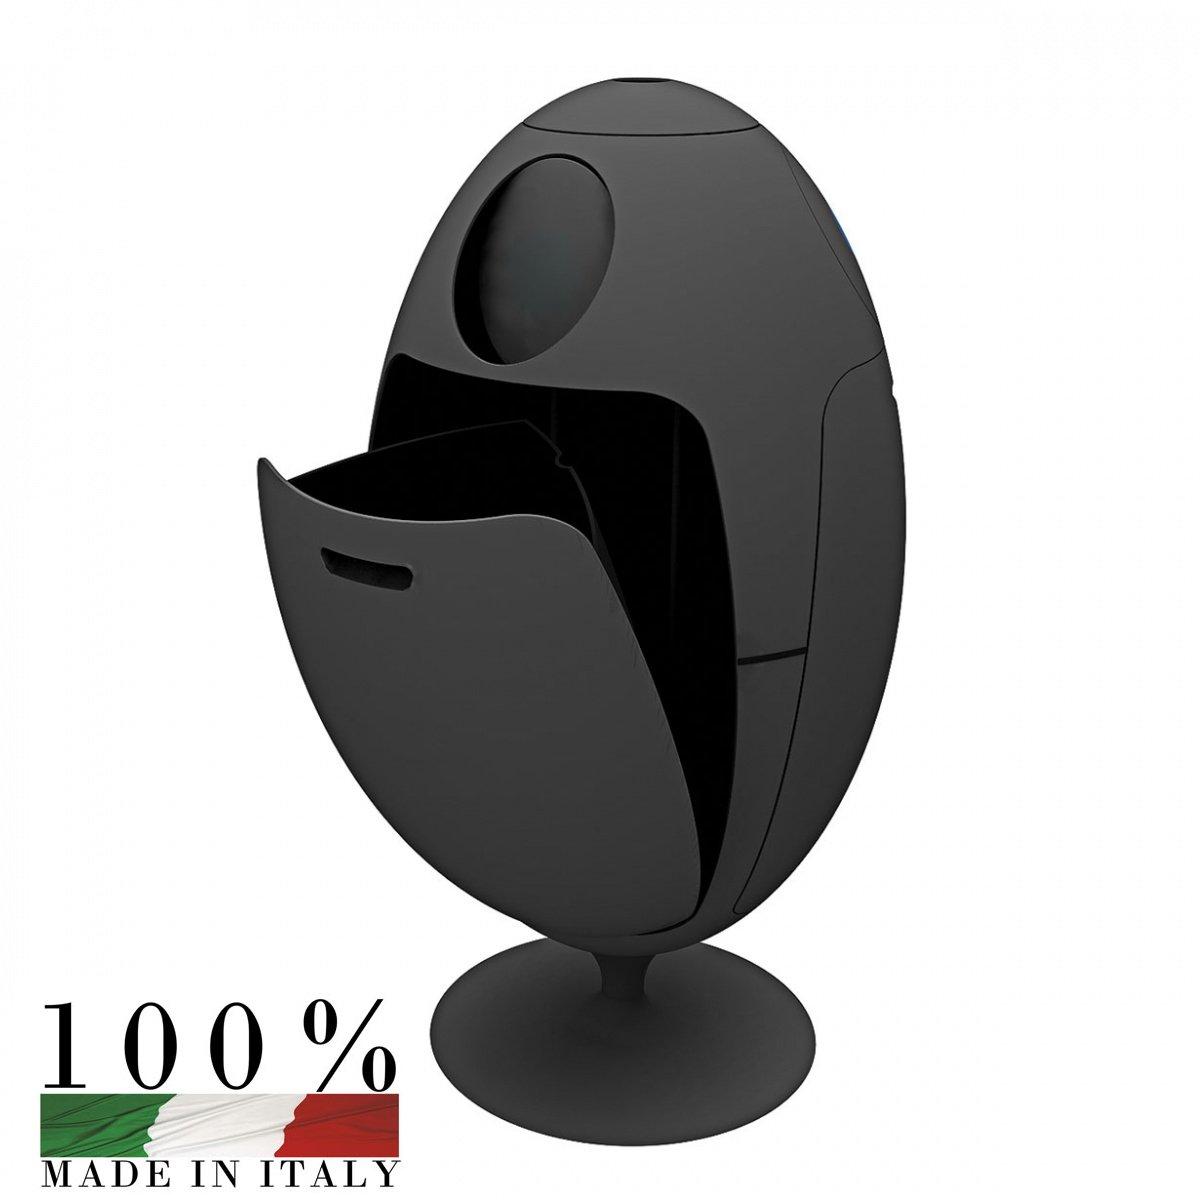 Soldi design ovetto nero pattumiera soldi design cucina for Pattumiera cucina design